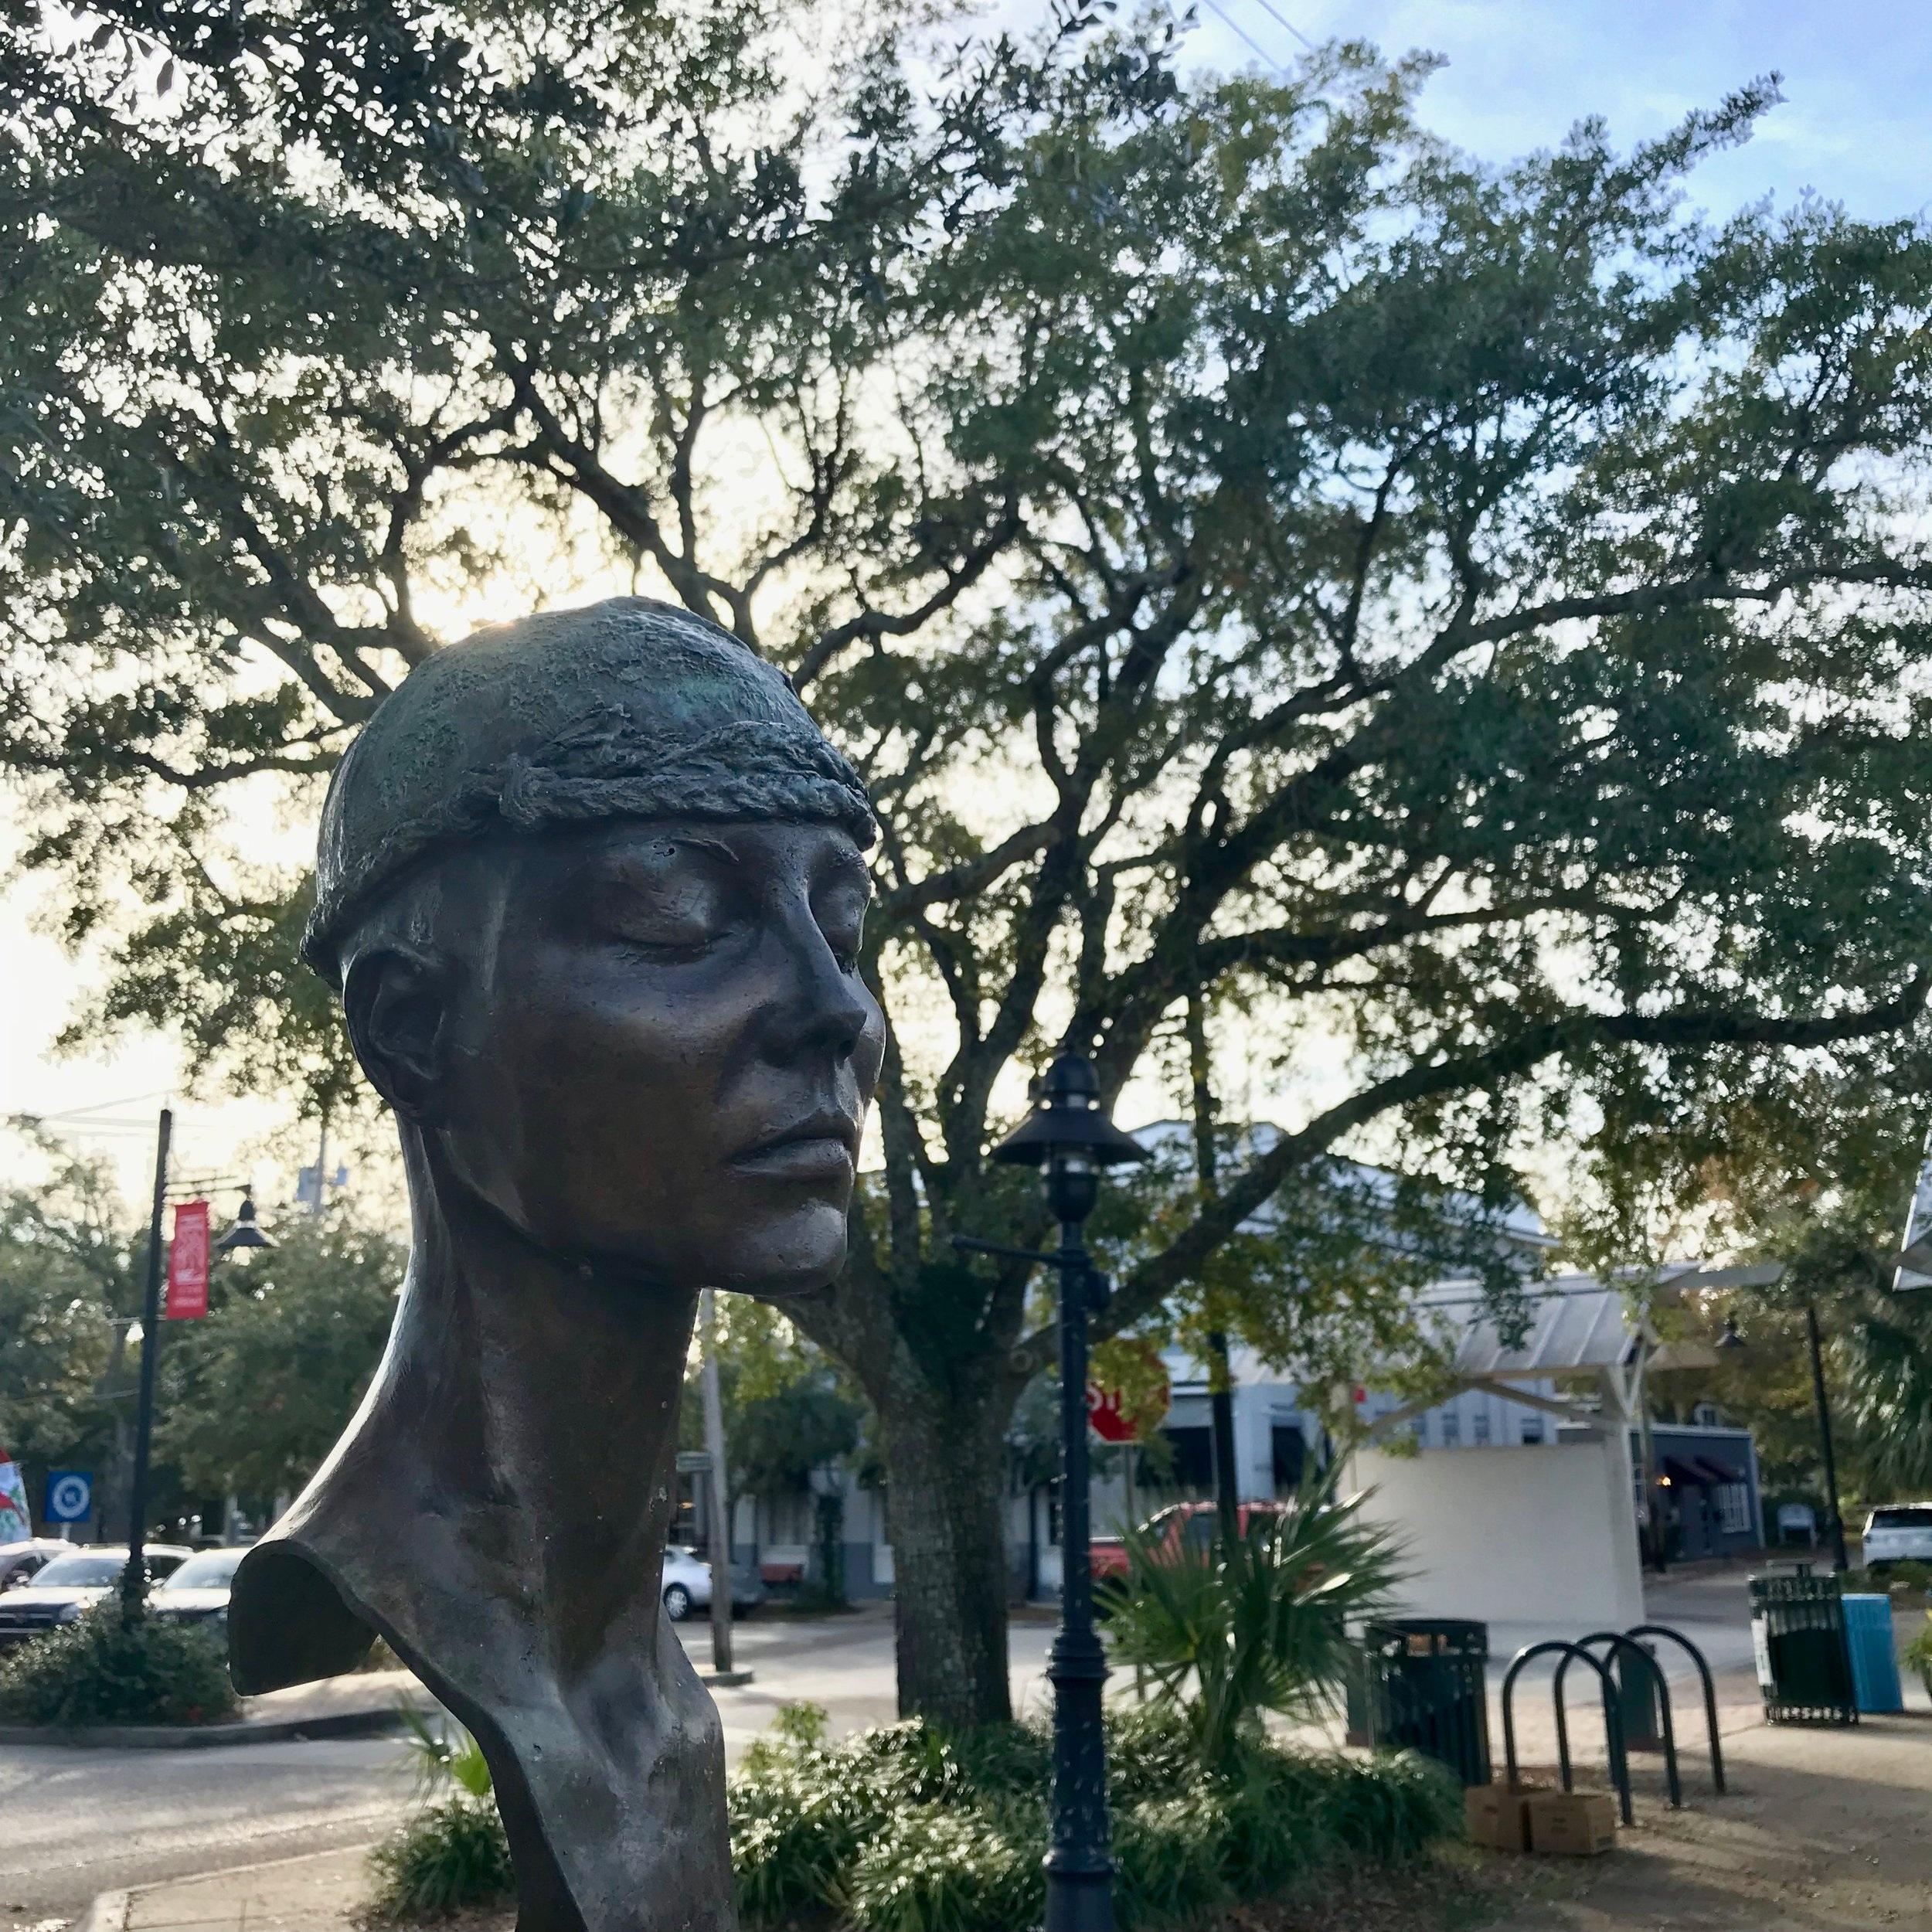 William Ludwig Sculptures